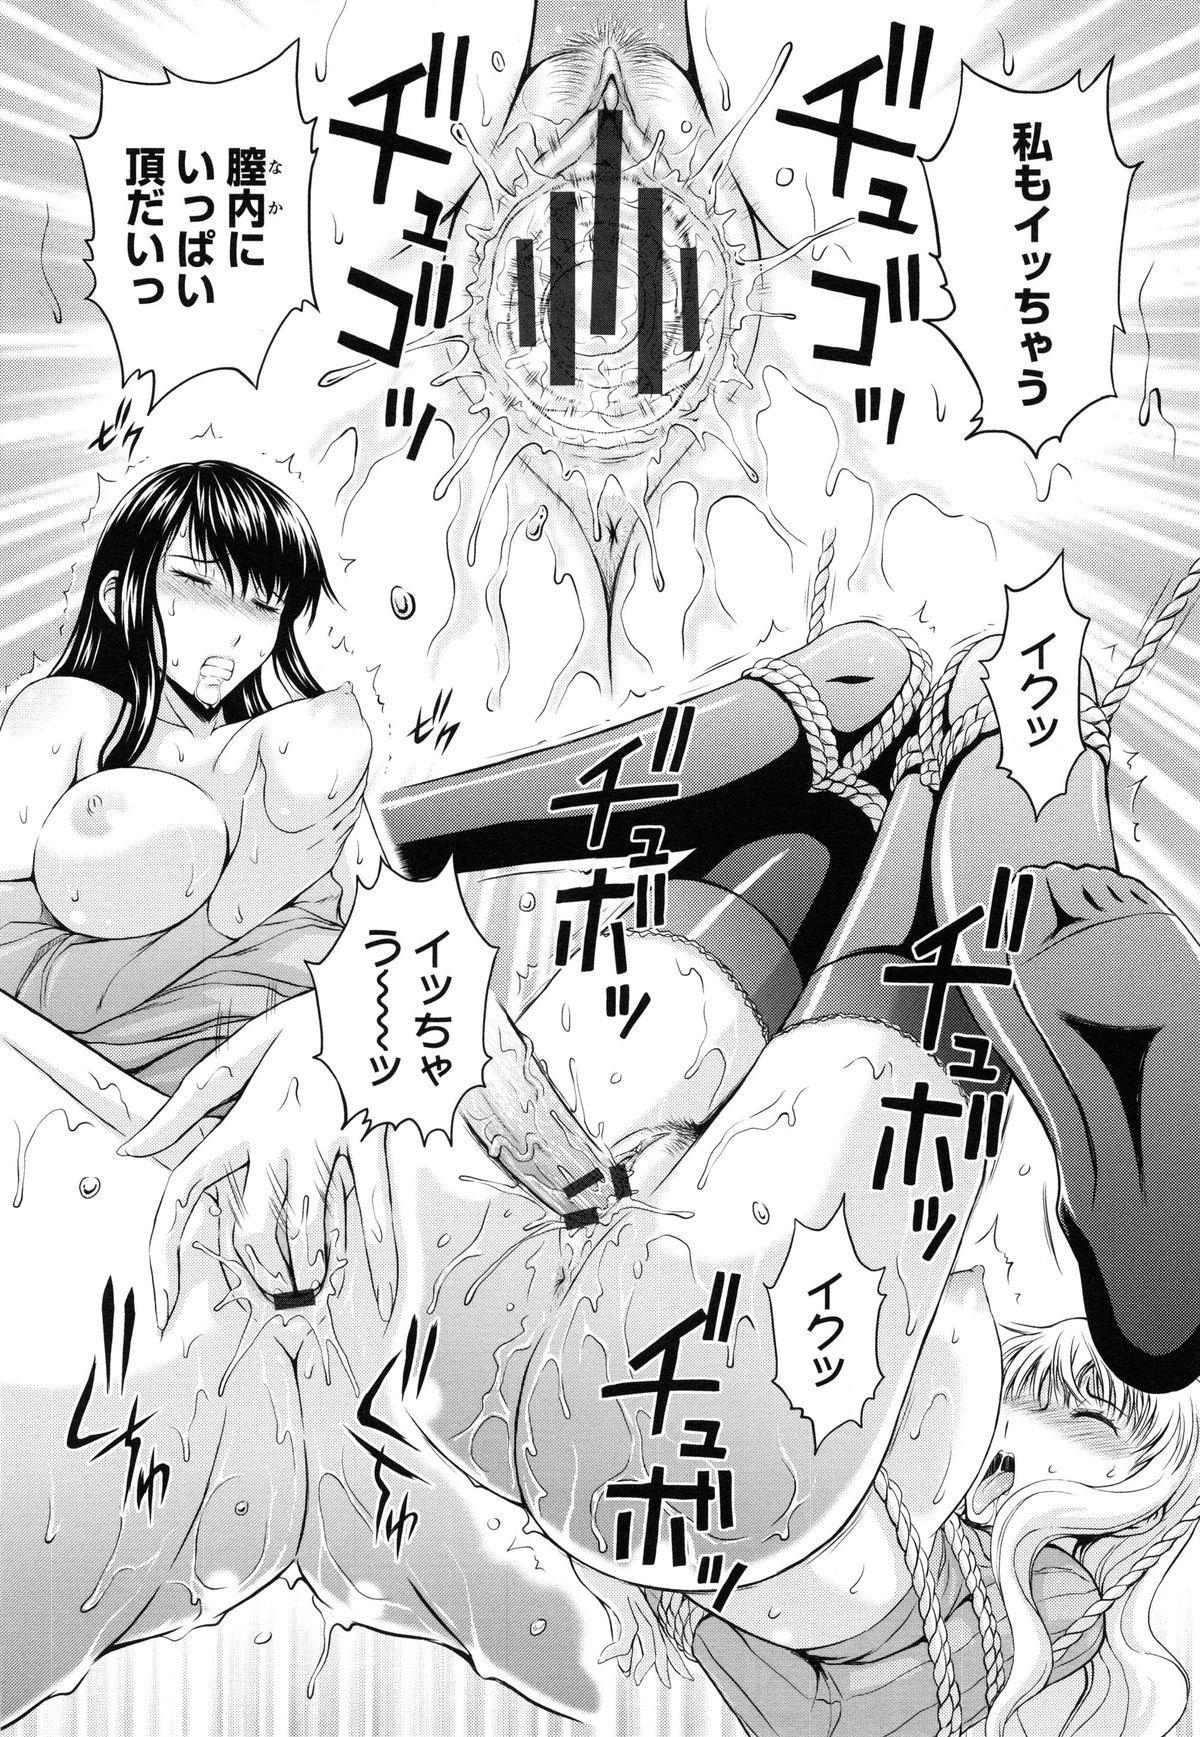 Inbaku no Wakazuma 26